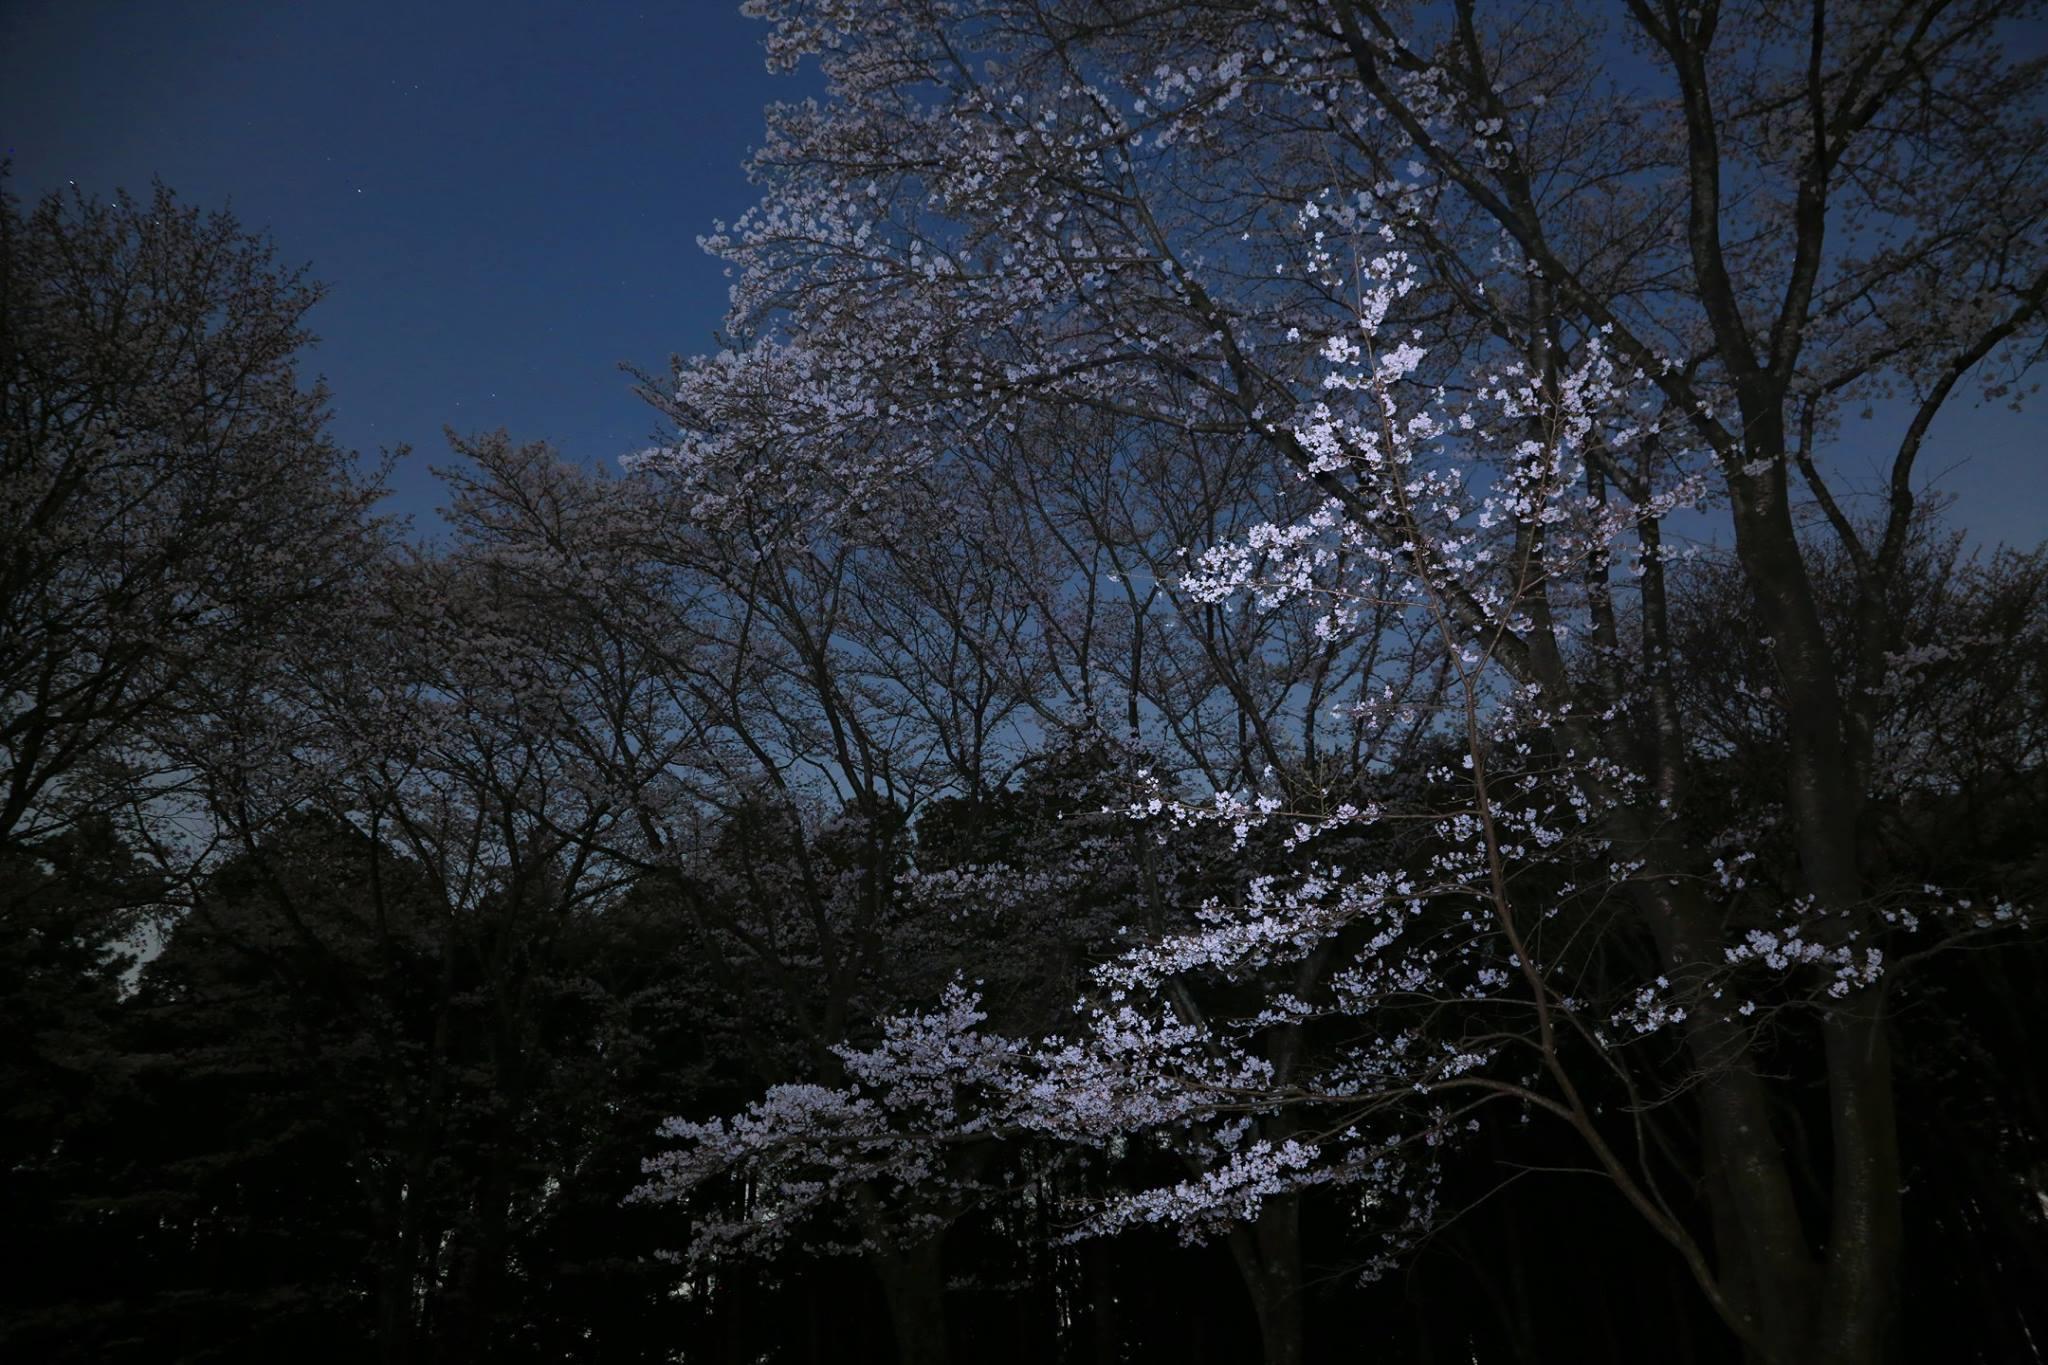 Jardins japonais thérapeutiques - Forêt-thérapie© - Shinrin yoku - Niwathérapie© - Frederique Dumas www.frederique-dumas-landscape.com www.frederique-dumas.com